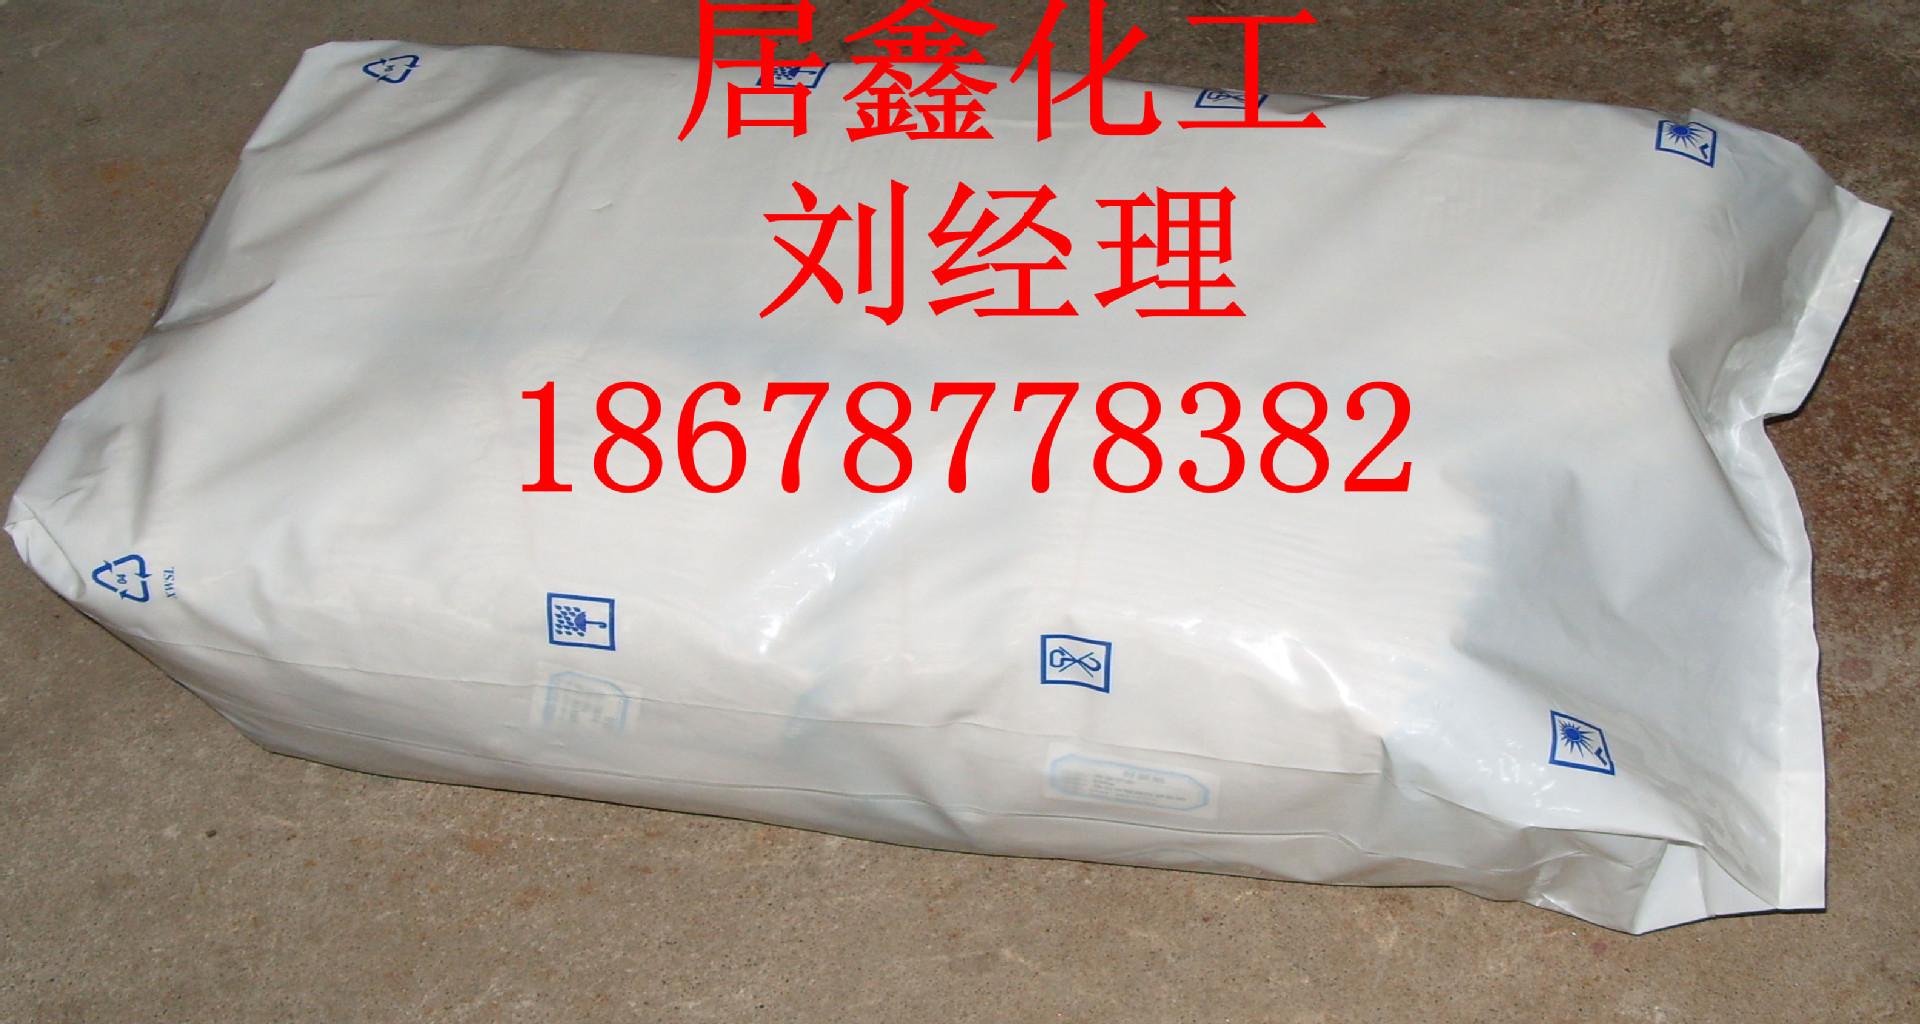 厂家直销宁夏优质 双氰胺 供应国标 双氰胺 医药级 双氰胺 价格